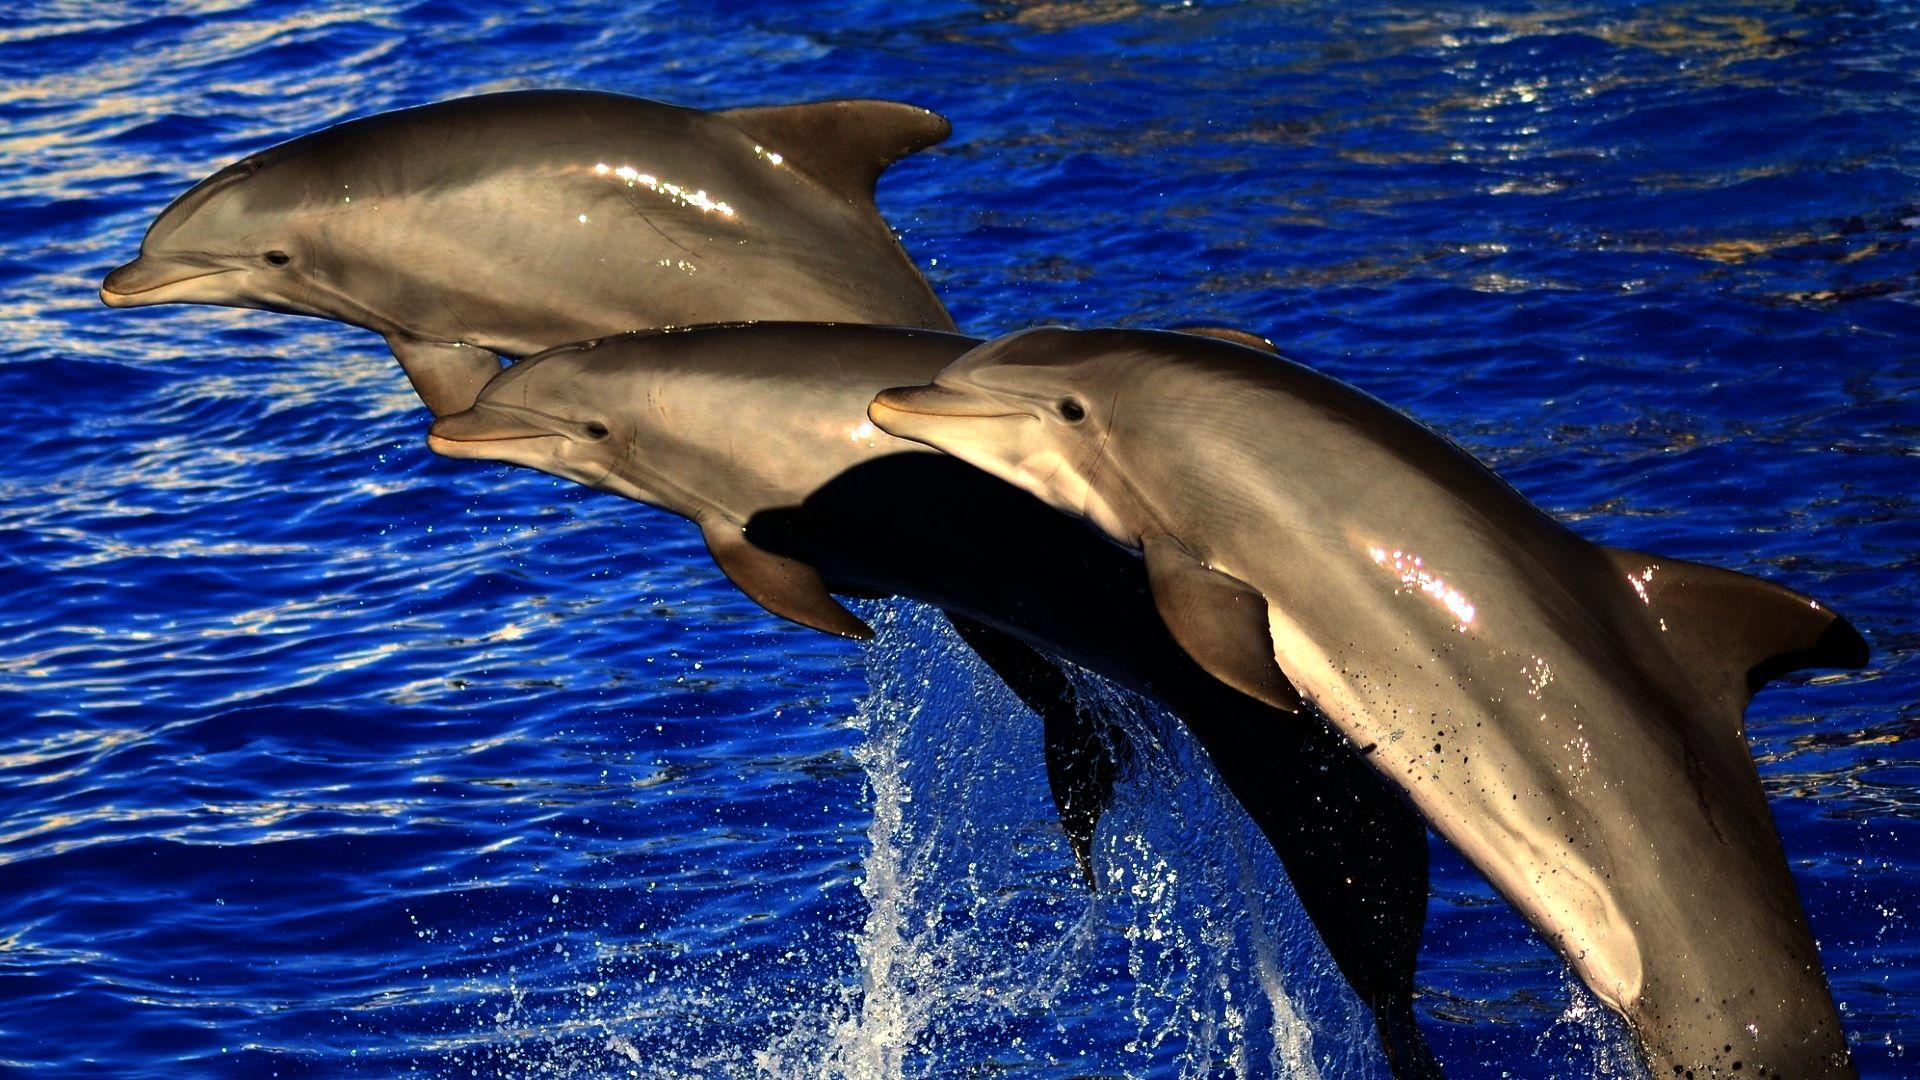 фотографии дельфинов в хорошем качестве аргентинский парень своему